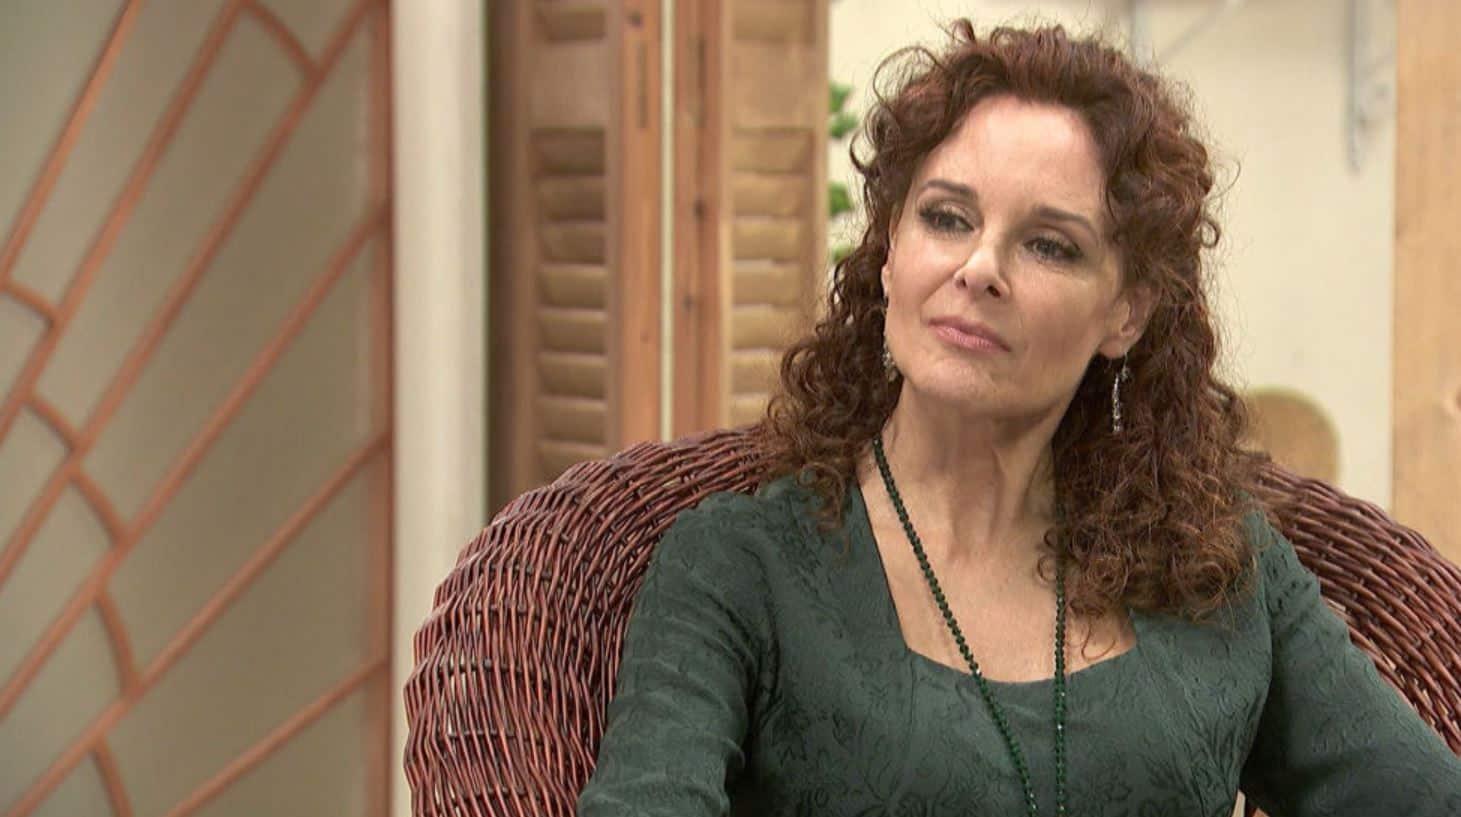 Il segreto anticipazioni: Isabel si prepara a partire, chi è l'uomo misterioso che ha telefonato?